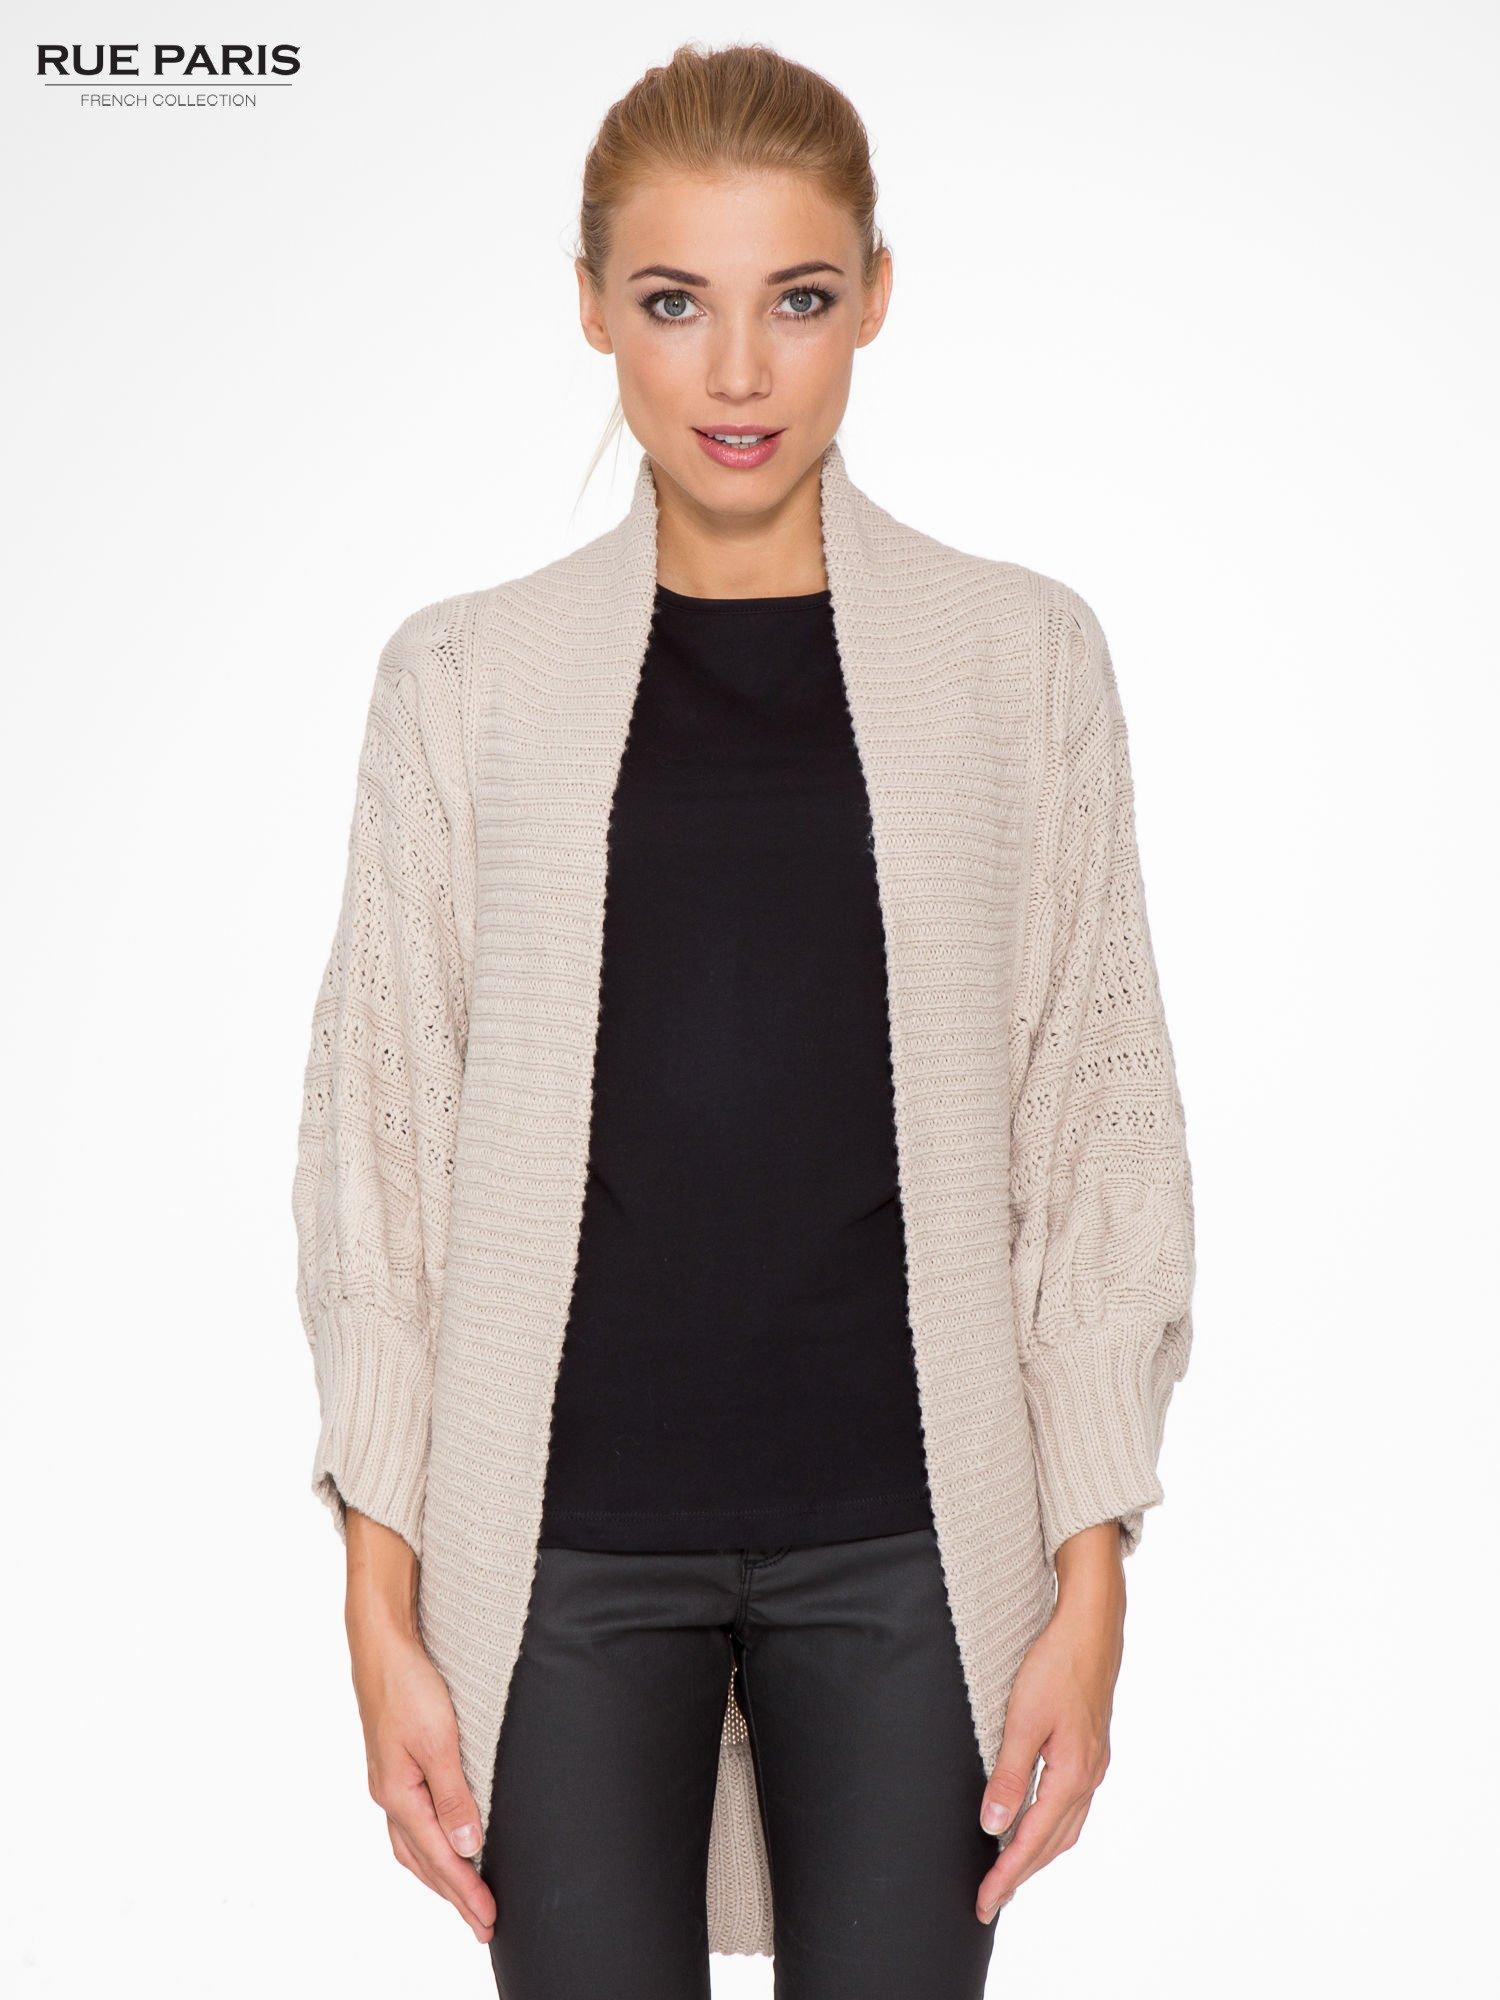 Jasnobeżowy dziergany sweter typu otwarty kardigan                                  zdj.                                  1